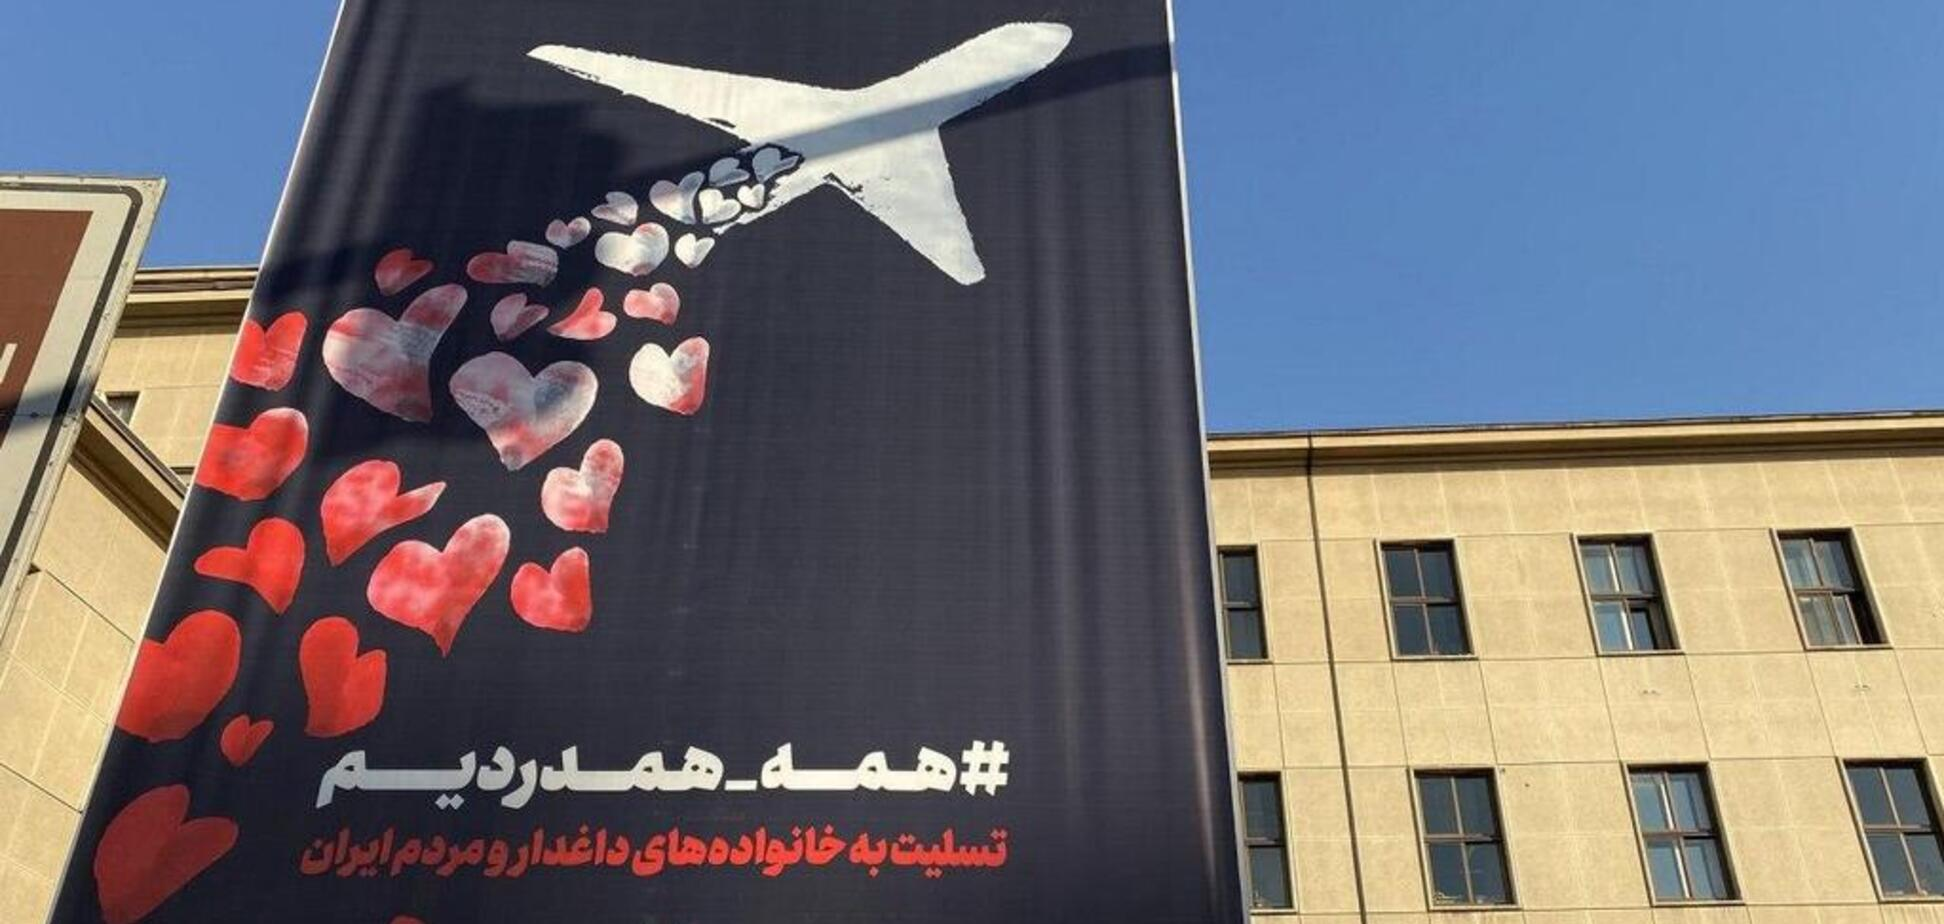 У Тегерані потужно висловили підтримку жертвам катастрофи Boeing